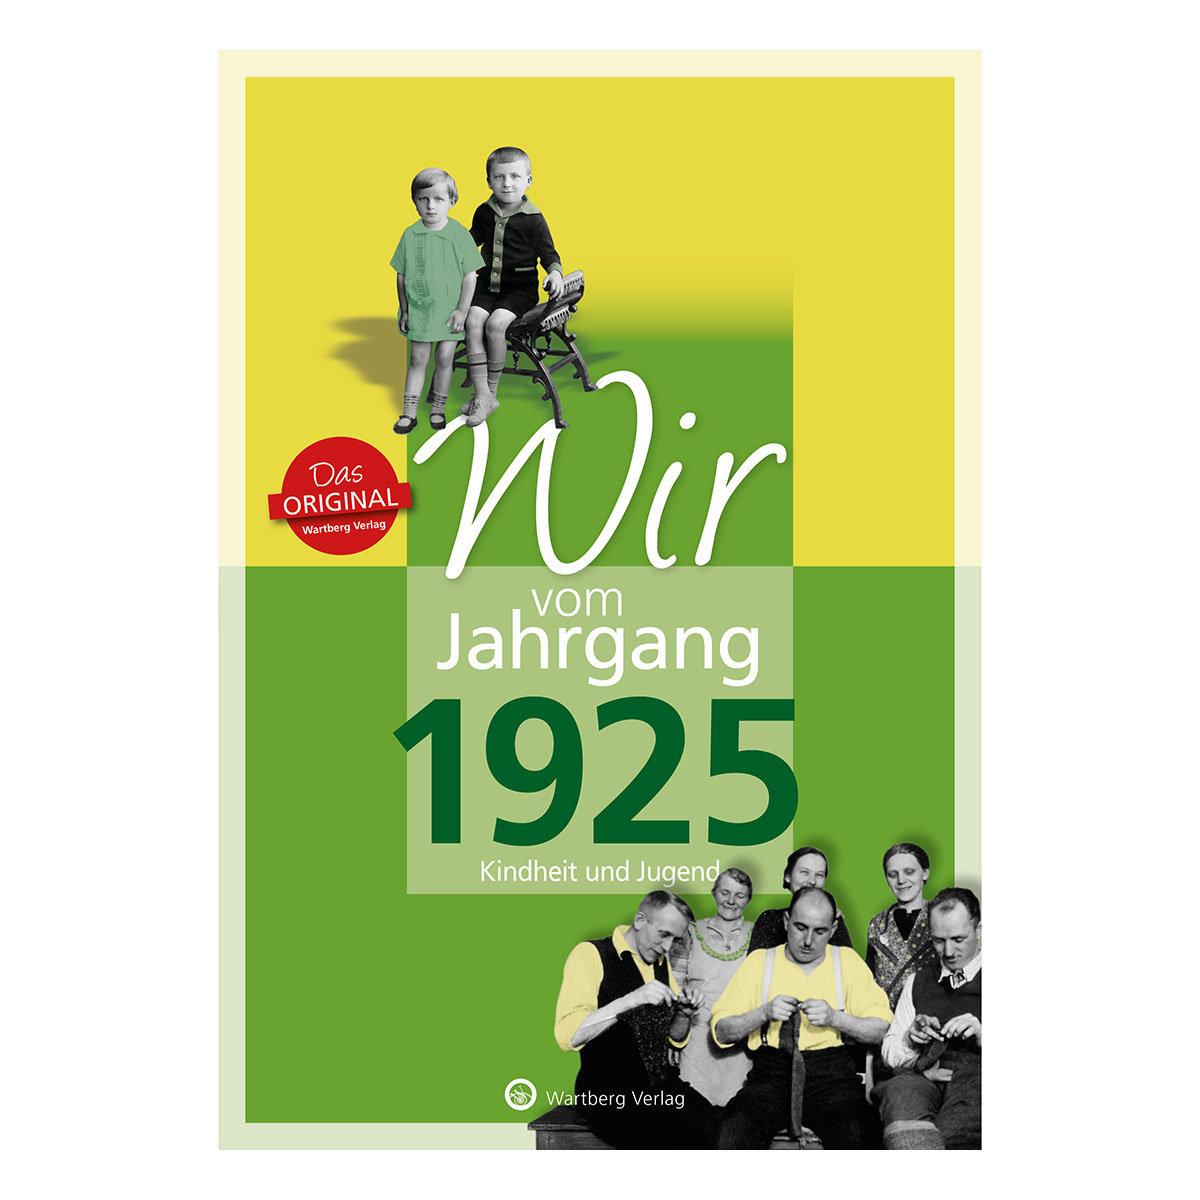 Wir vom Jahrgang 1925 - Kindheit und Jugend